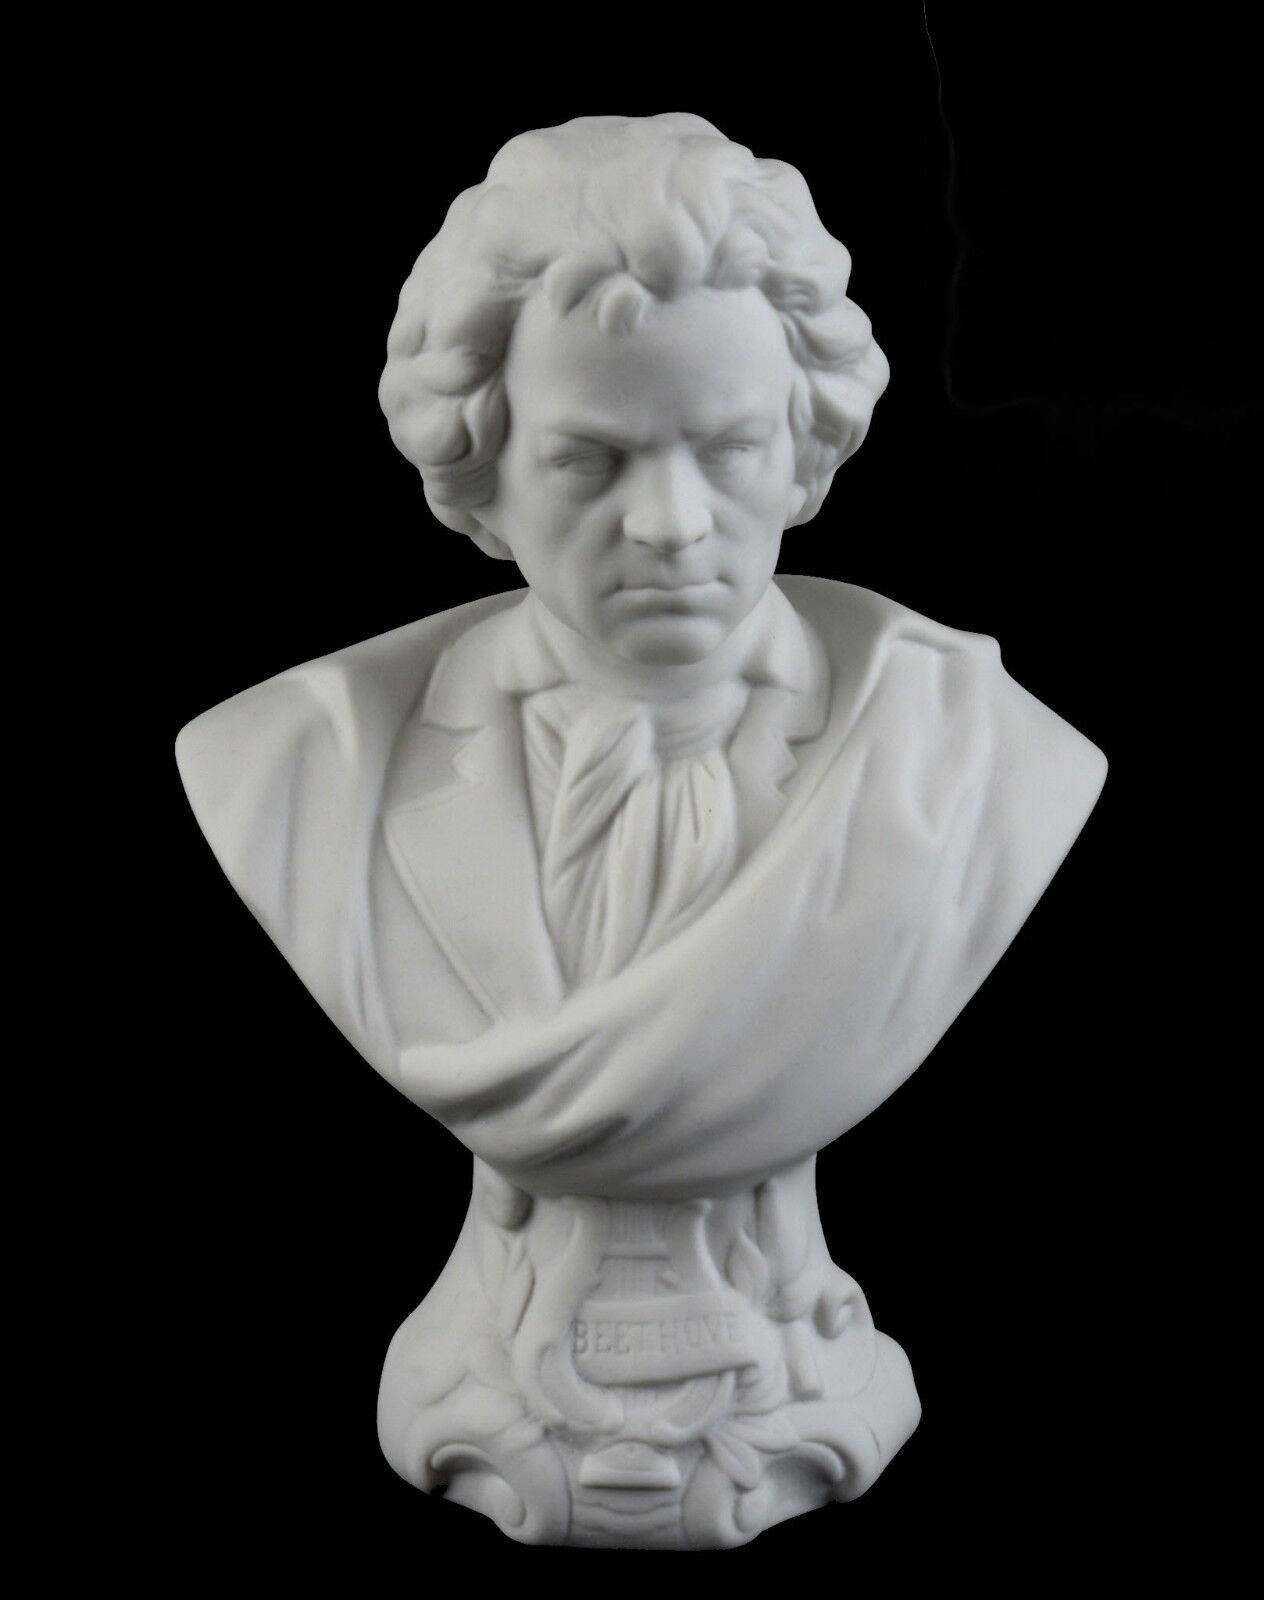 a3-44079  Figurine Bust Ludwig van Beethoven Bisque Kämmer-Porcelain H19CM